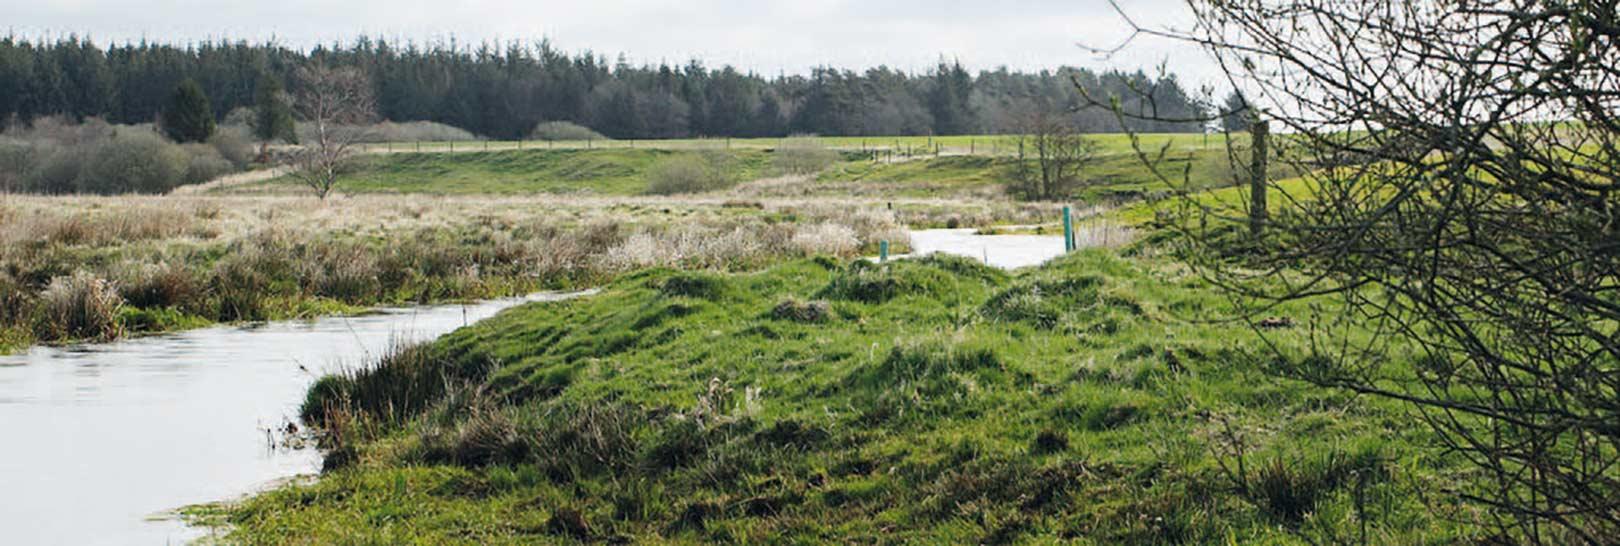 Grindsted Å på Mølby Eg-strækket. En skøn å, der slynger sig i landskabet, hvor der er højt til himlen.